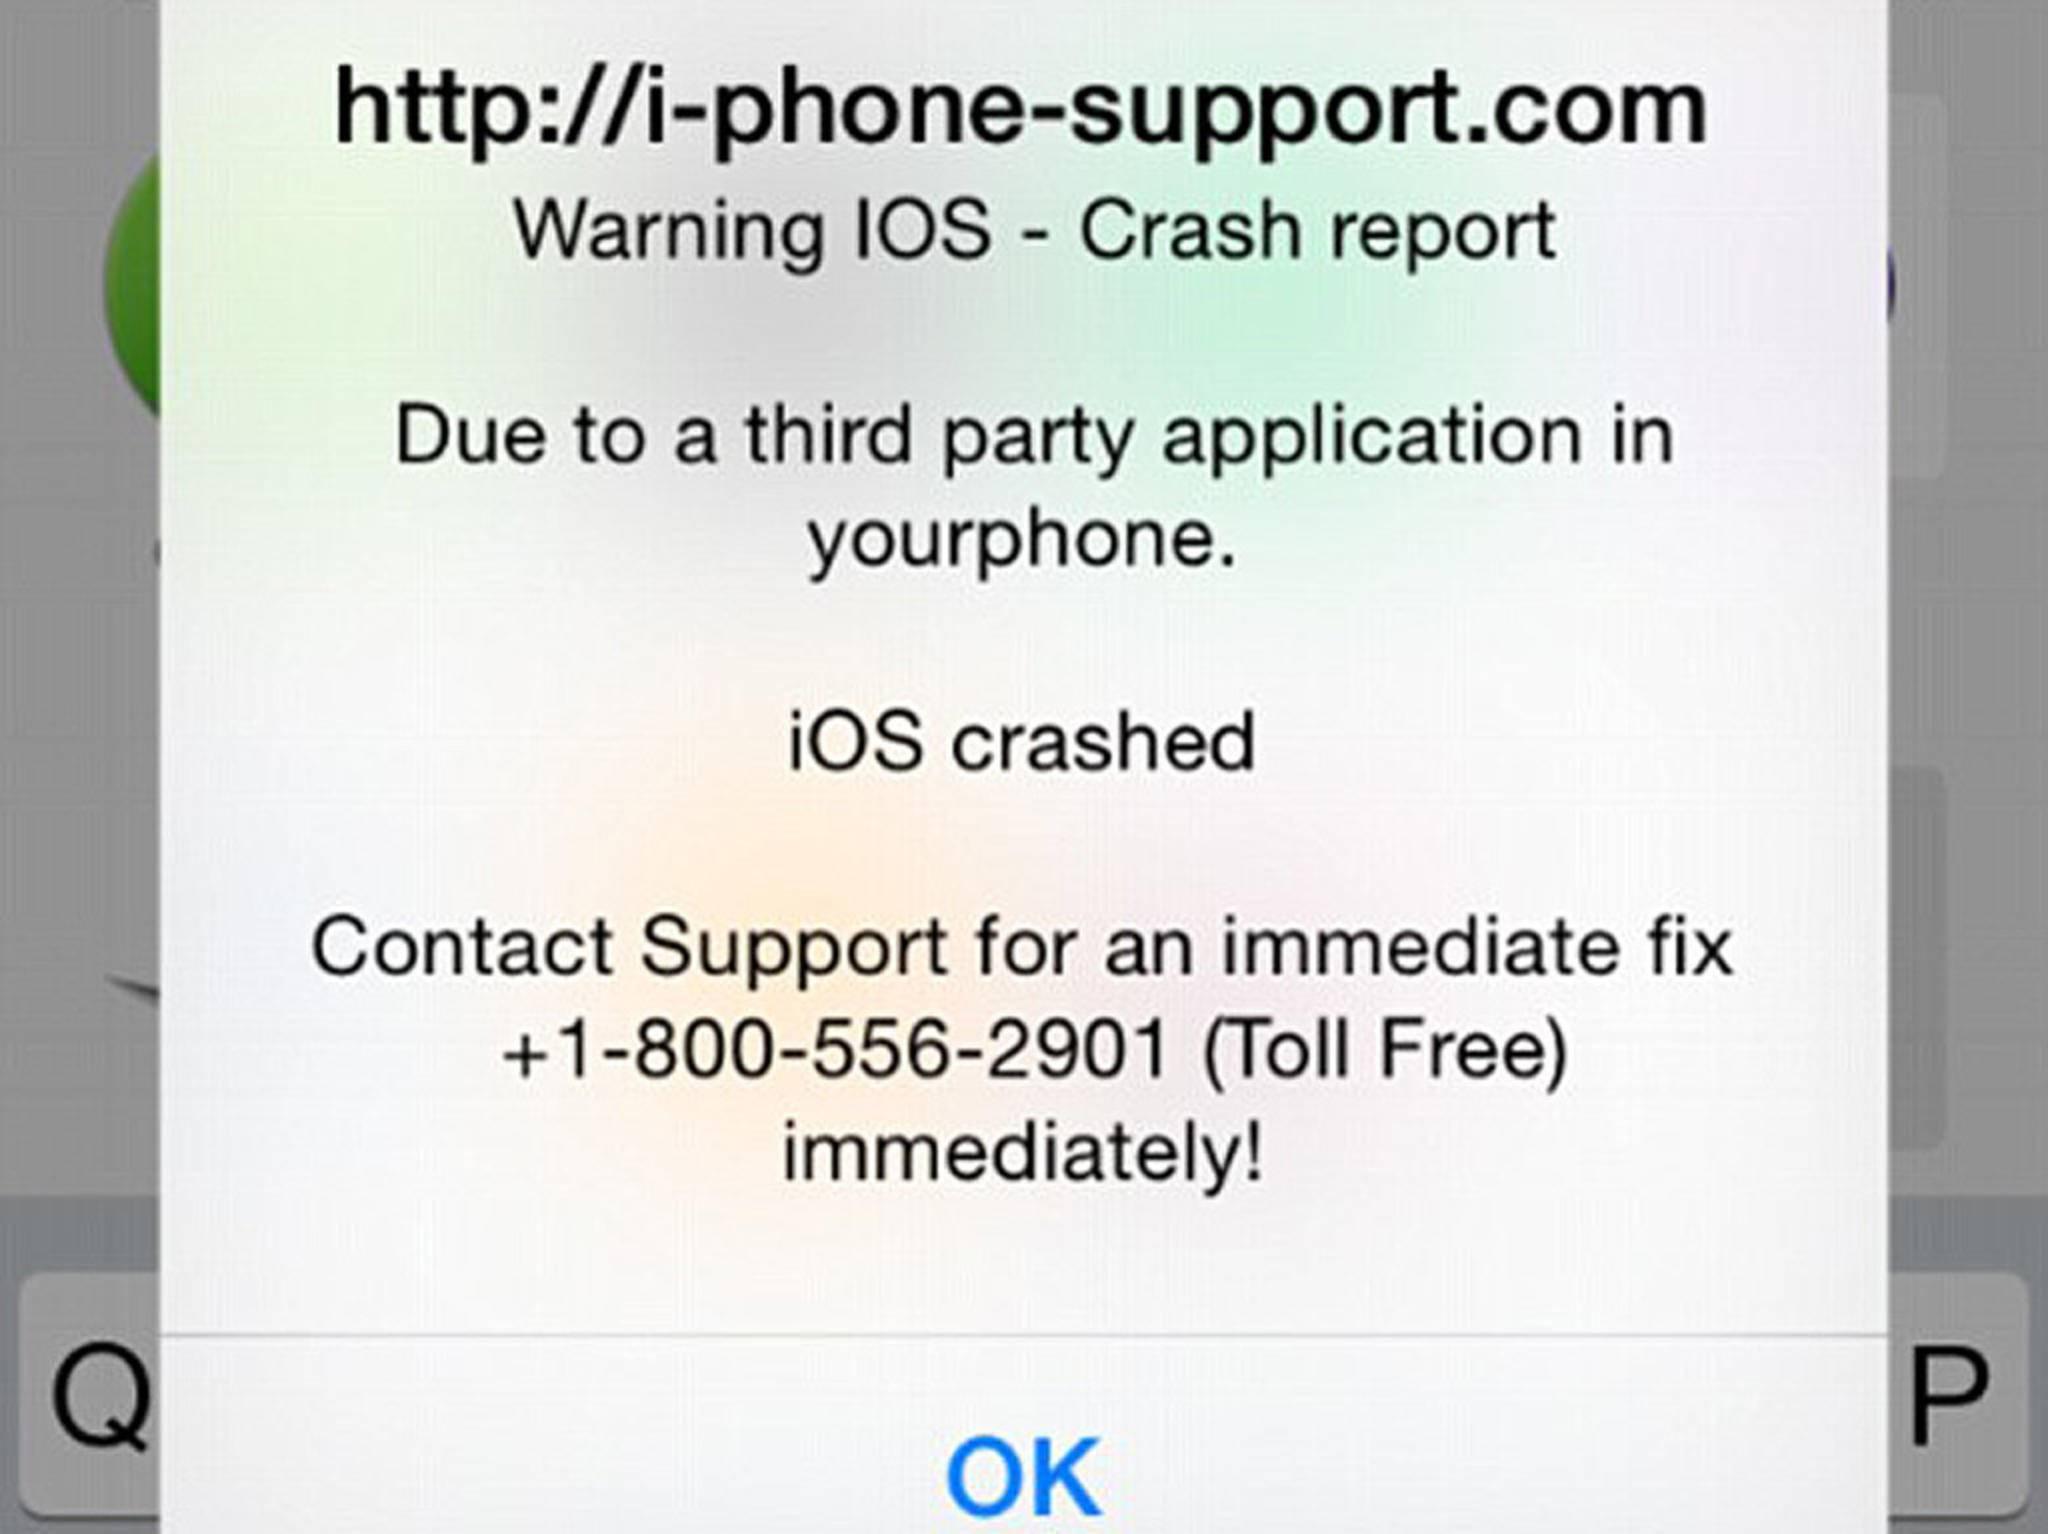 Mit dieser Meldung sollen ahnungslose iPhone-Besitzer hinterlistig getäuscht werden.